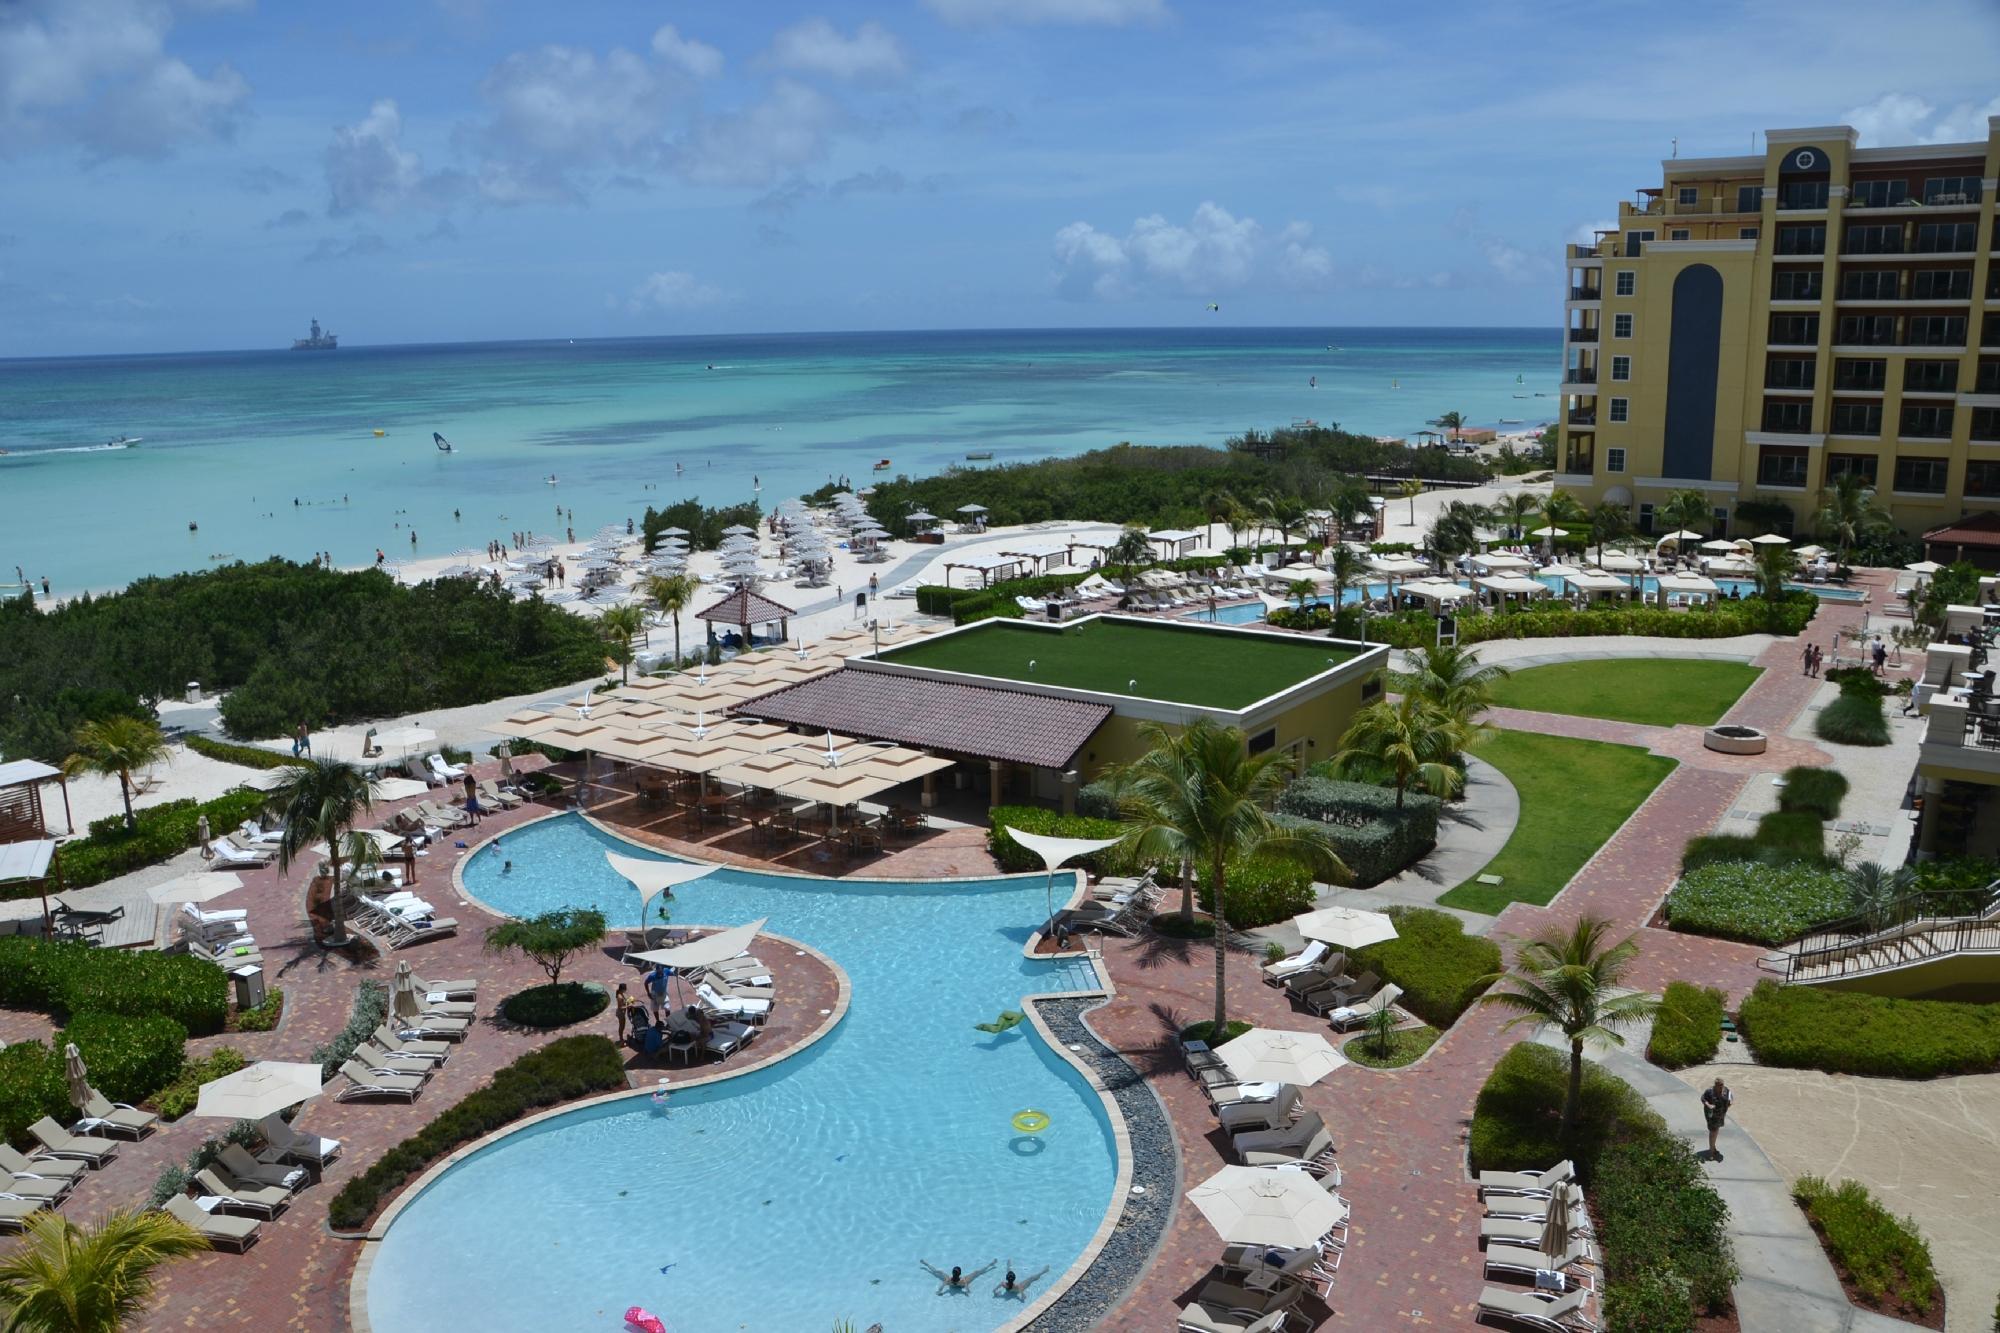 Aruba Vacaciones familiares - para niños hoteles amigables.